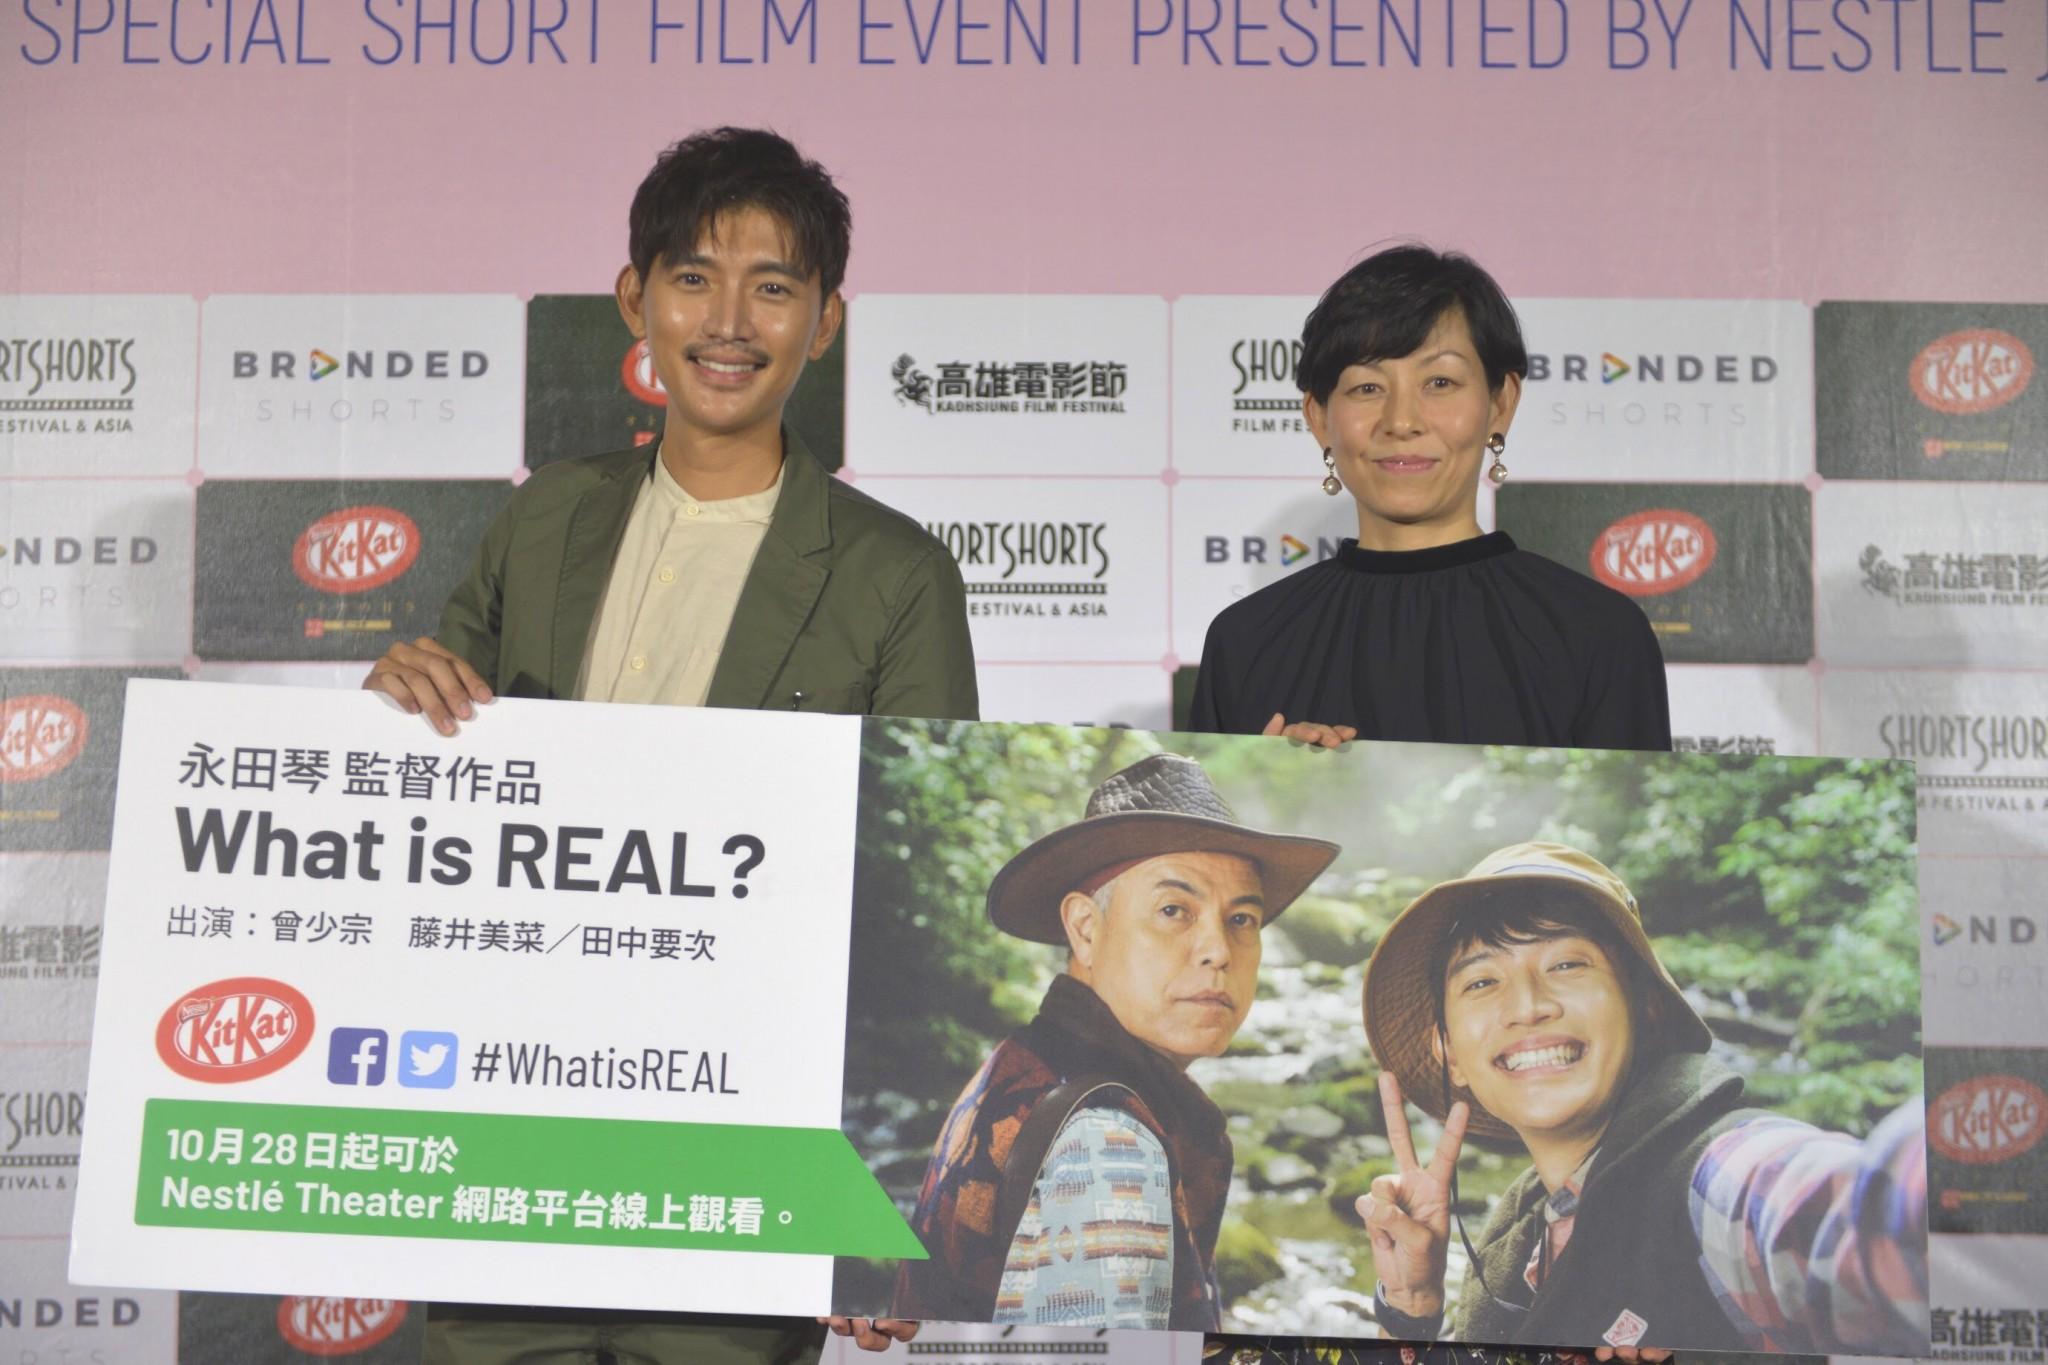 【シブストシネマ】21時。渋谷の路上が映画館になる。今週の上映作品は『やさし